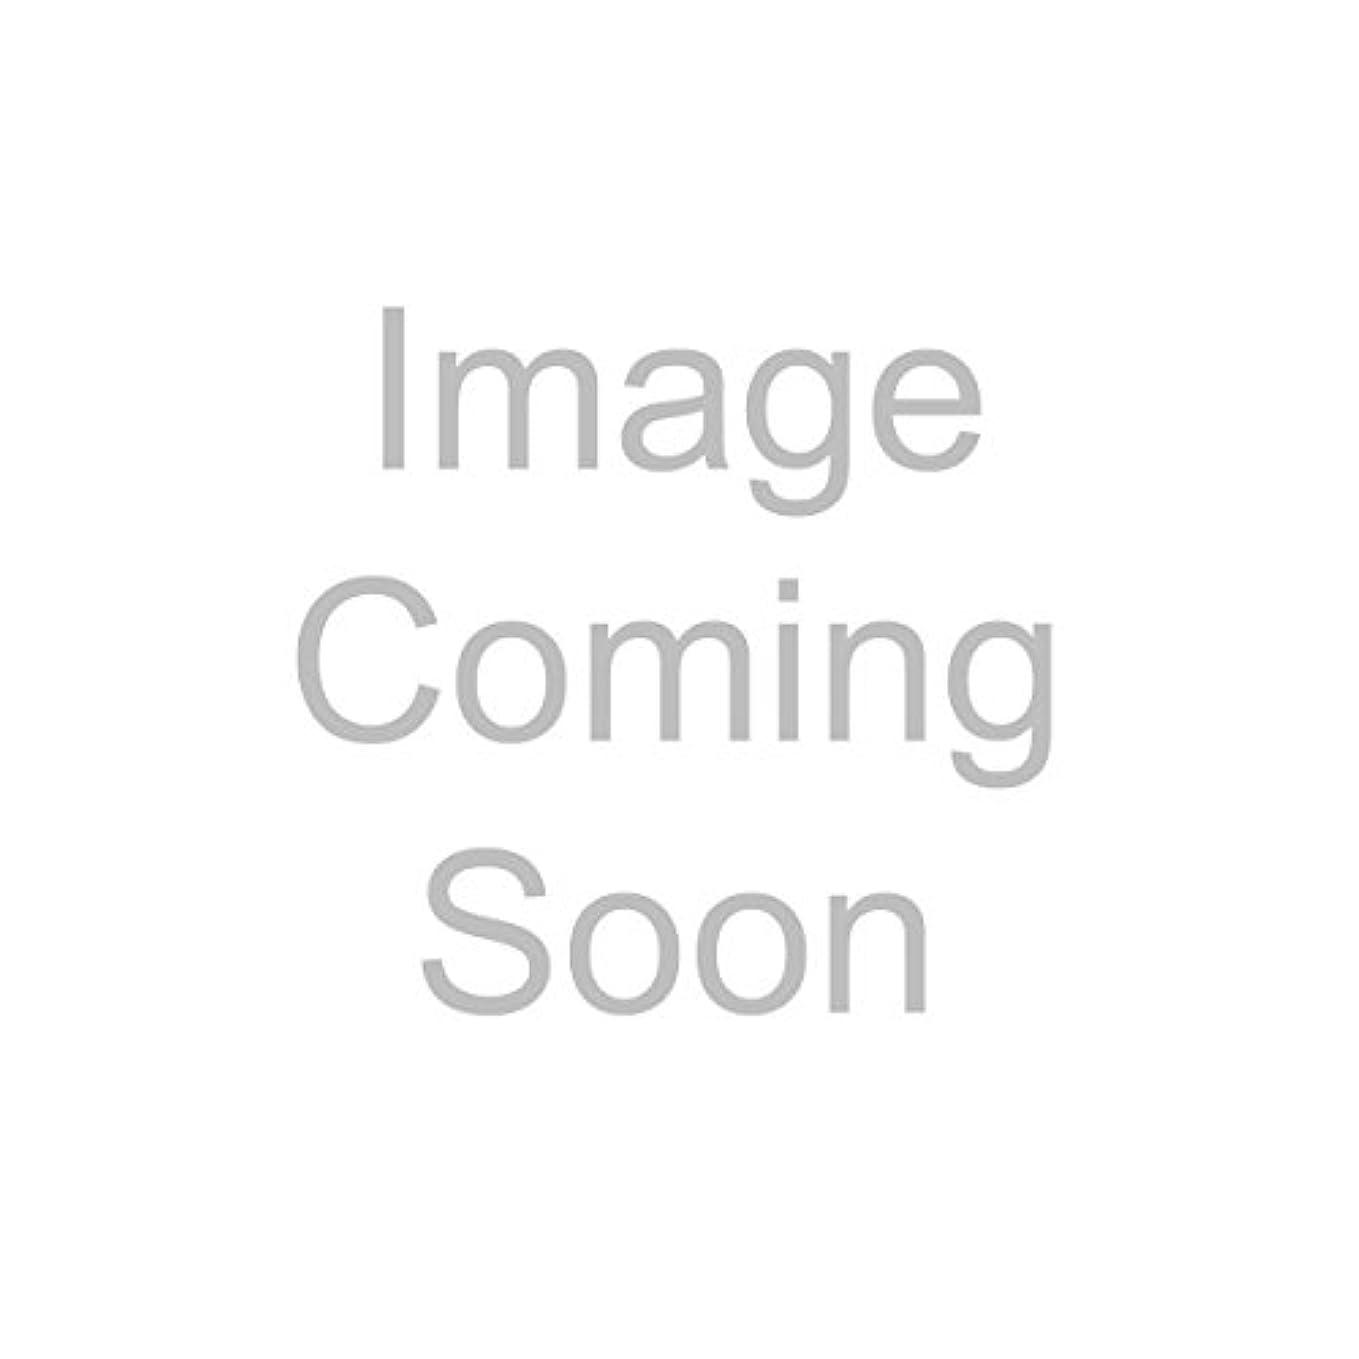 前提条件耐えられる集団ディプティックキャンドル - マキ 190g/6.5oz